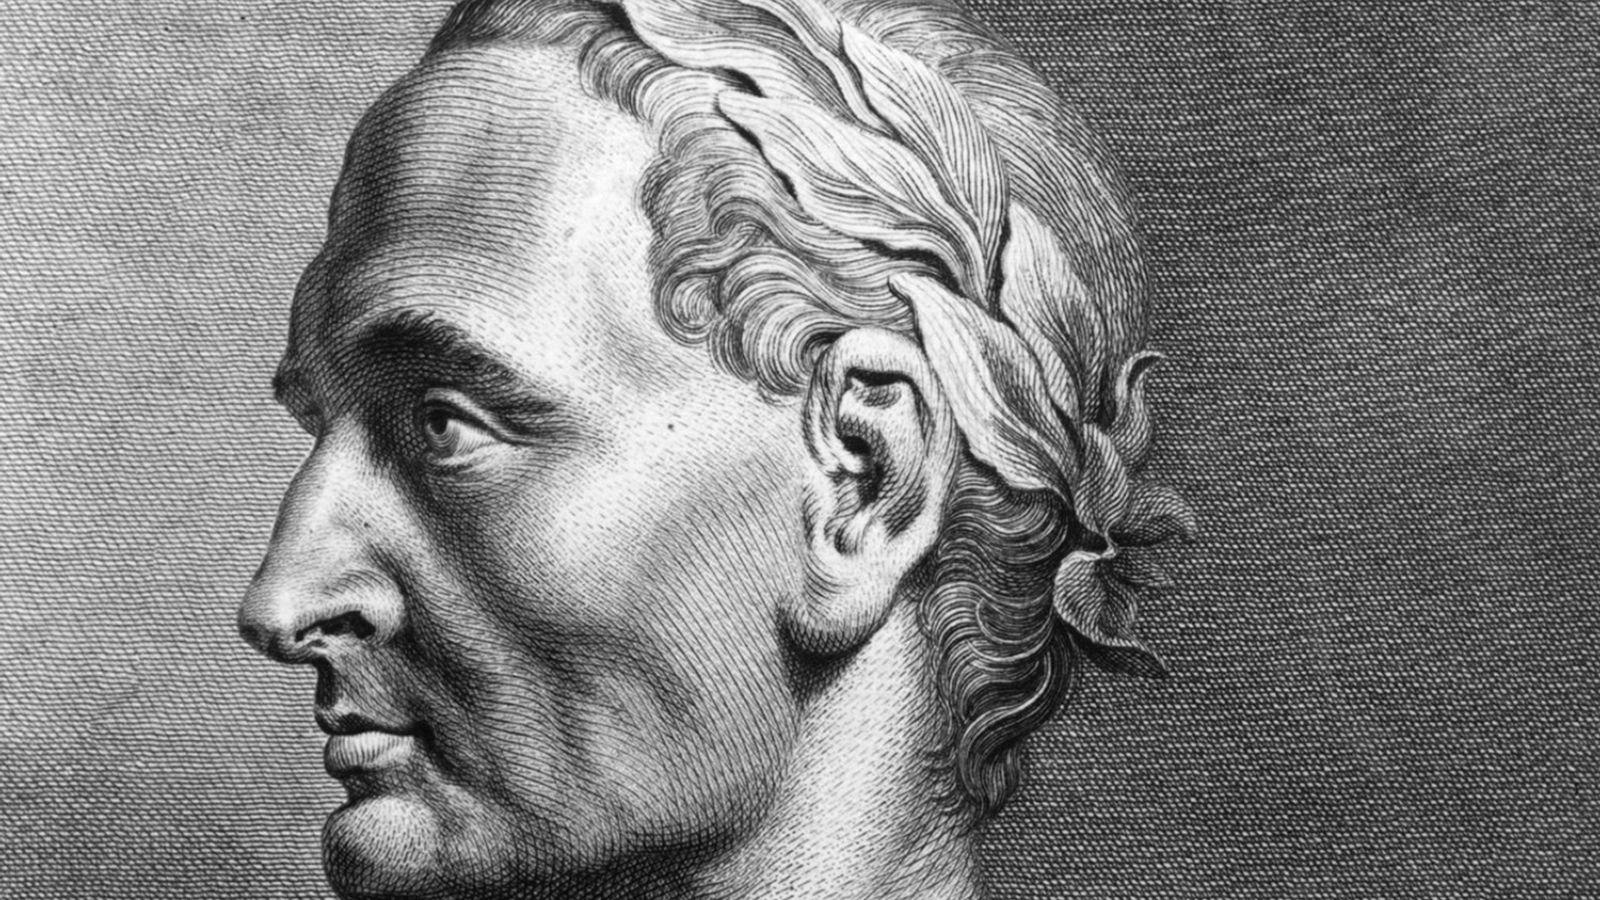 Julius Caesar war nicht nur für seine politischen und militärischen Erfolge berühmt, sondern auch für seine ...